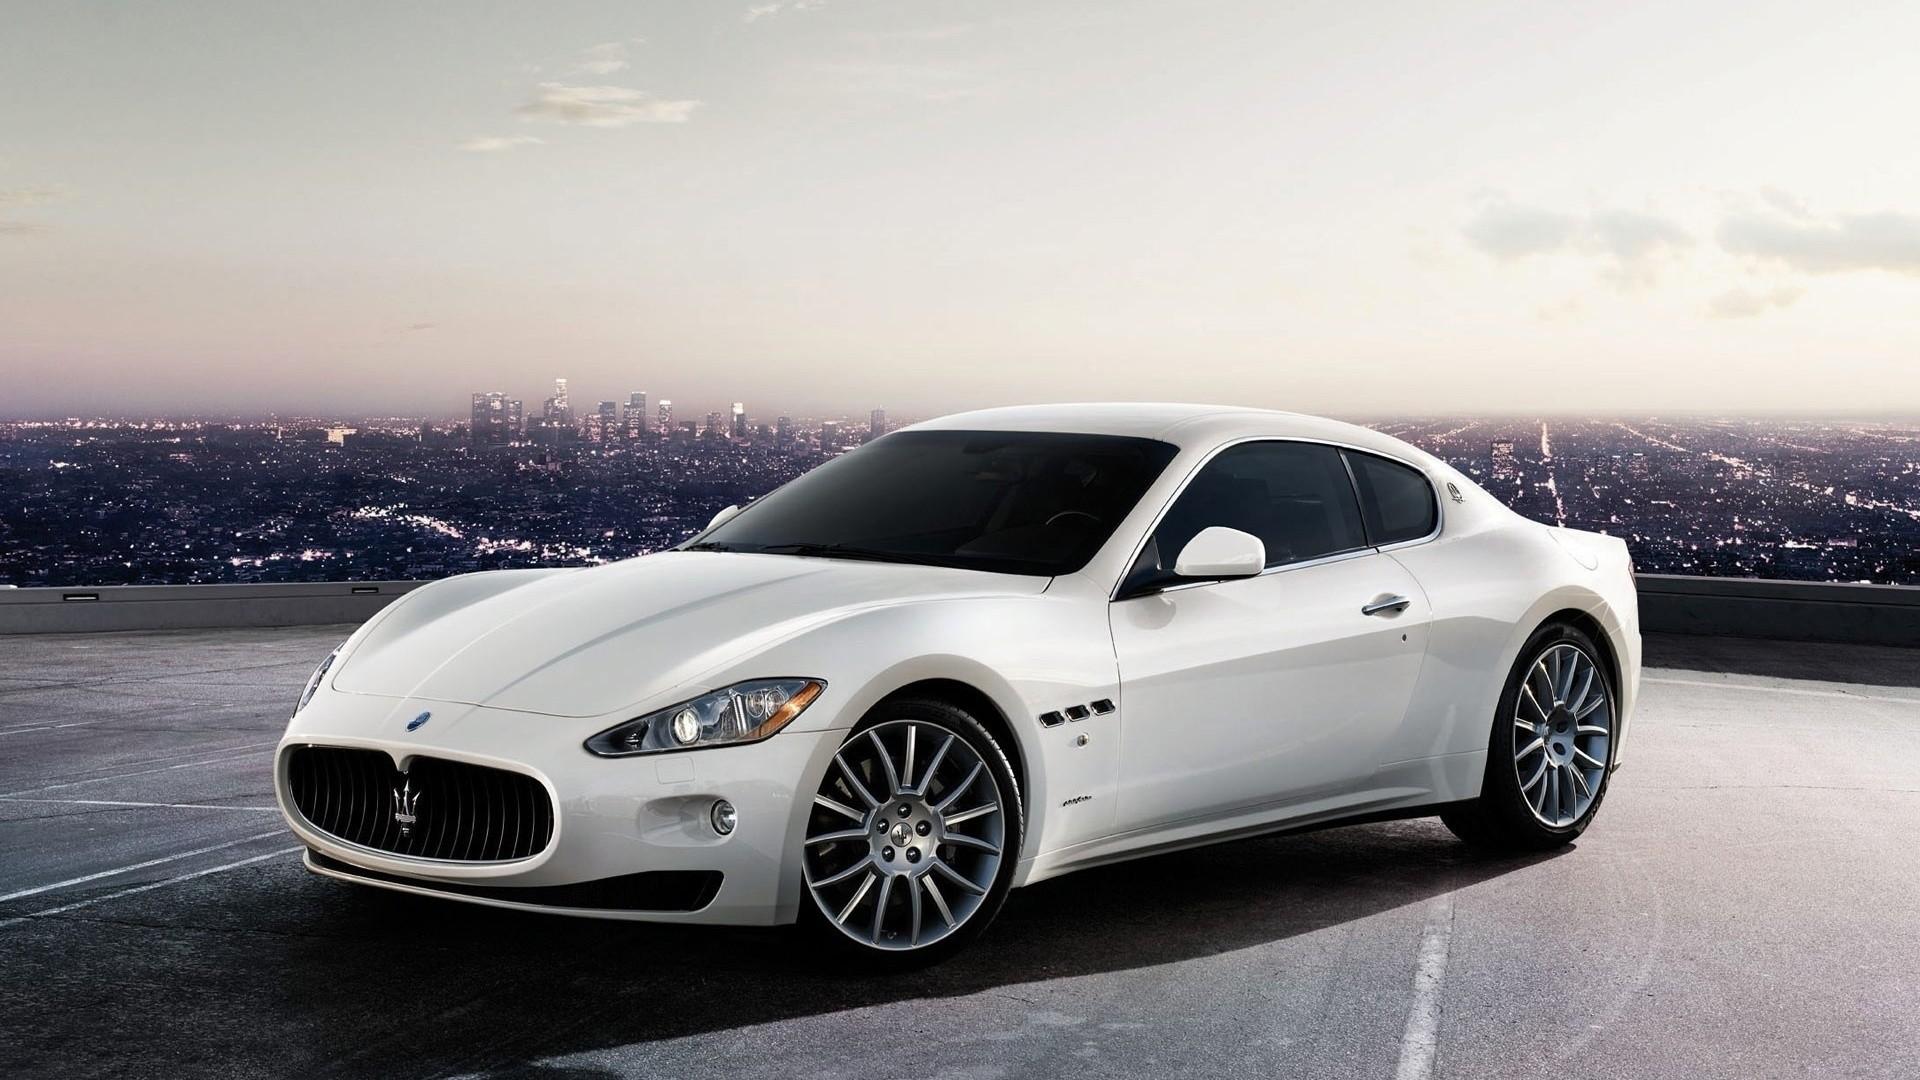 Maserati Wallpaper Free